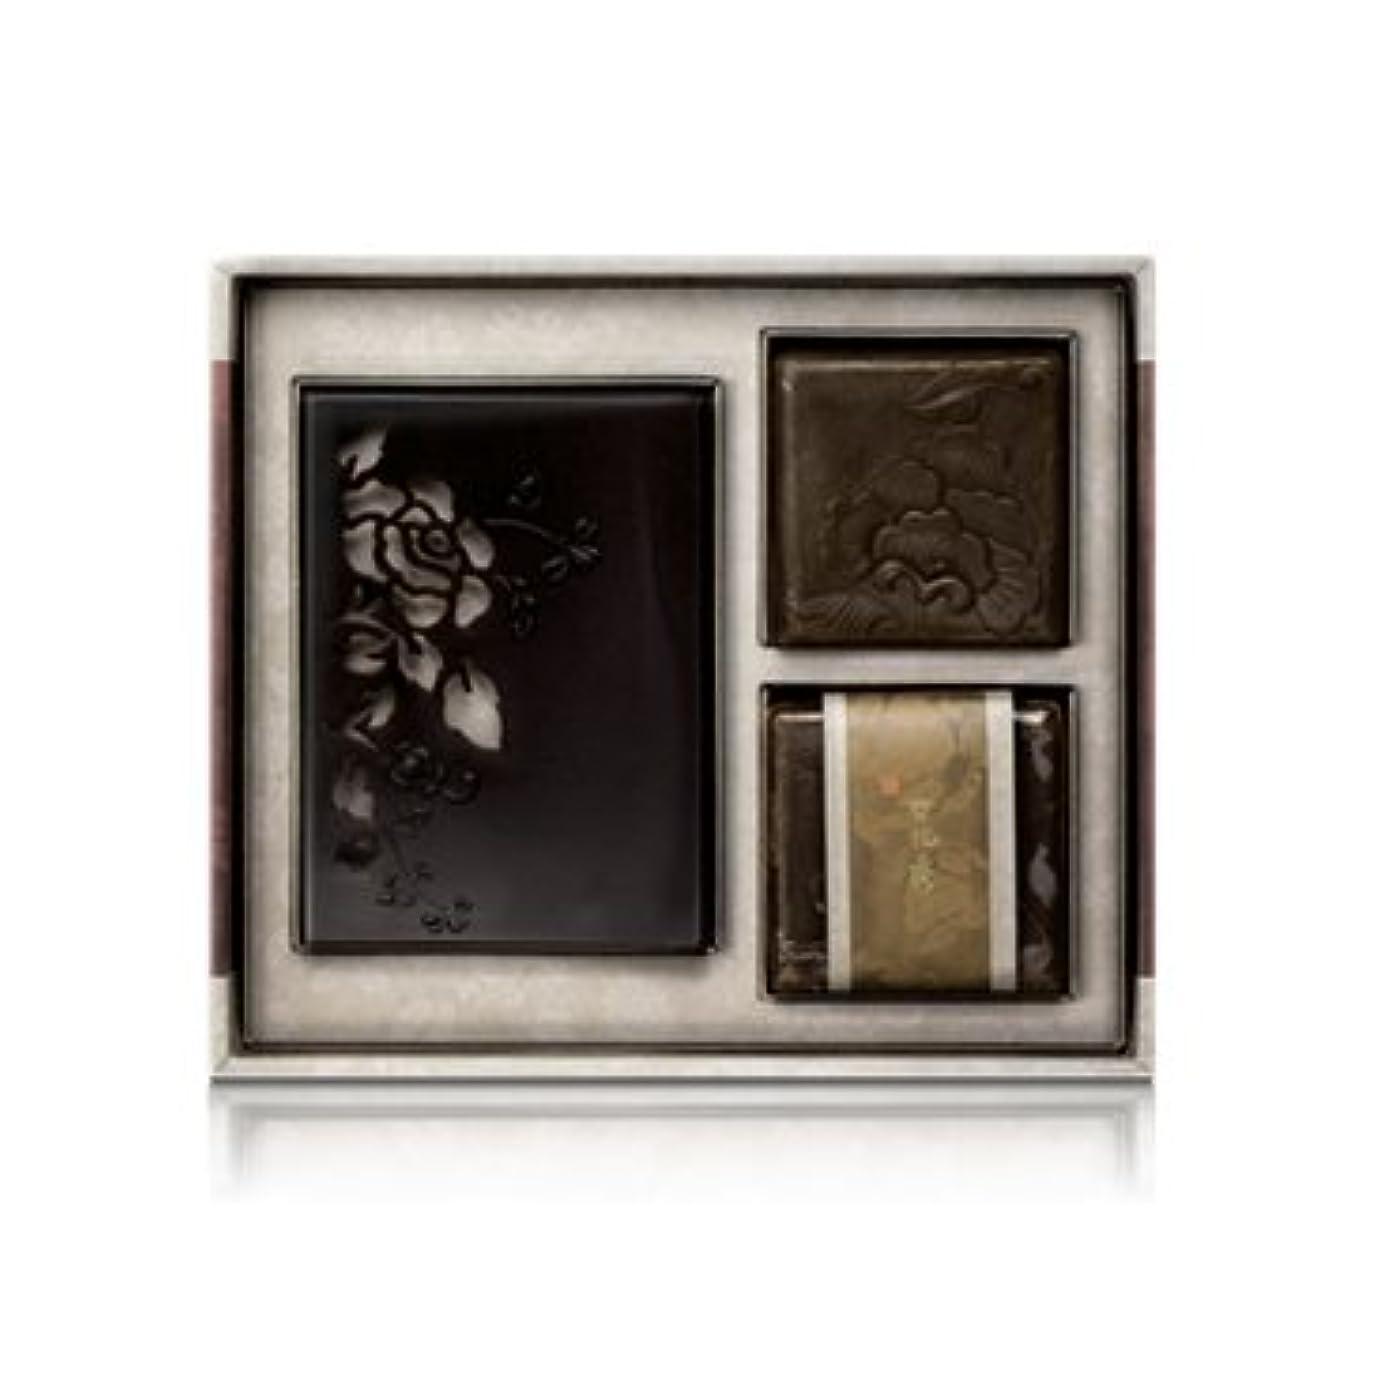 ソラス [雪花秀] 宮中石鹸 (100g * 2個+ケース) 1748